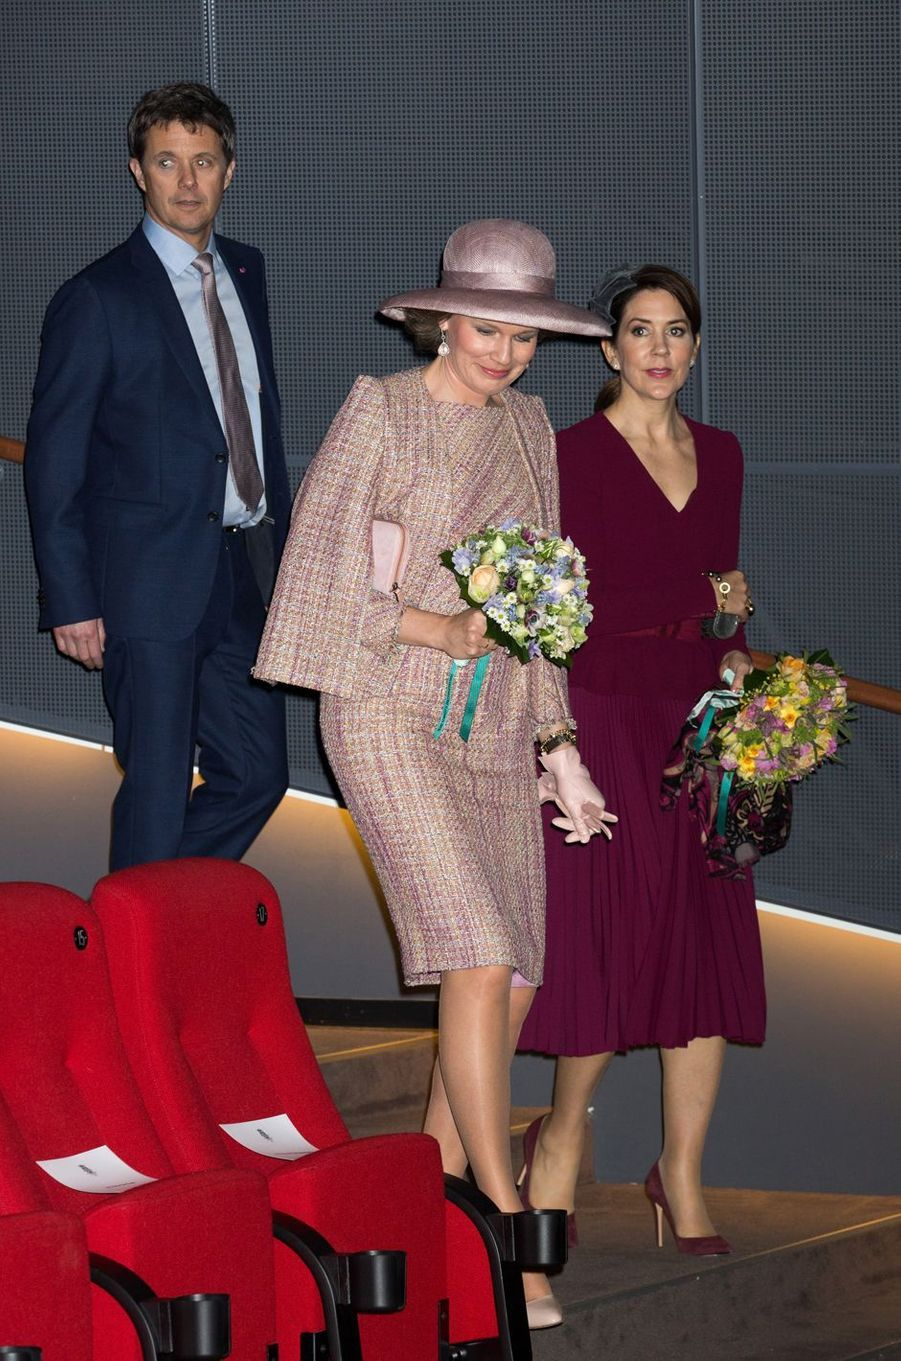 La reine Mathilde de Belgique avec la princesse Mary et le prince Frederik de Danemark à Copenhague, le 29 mars 2017